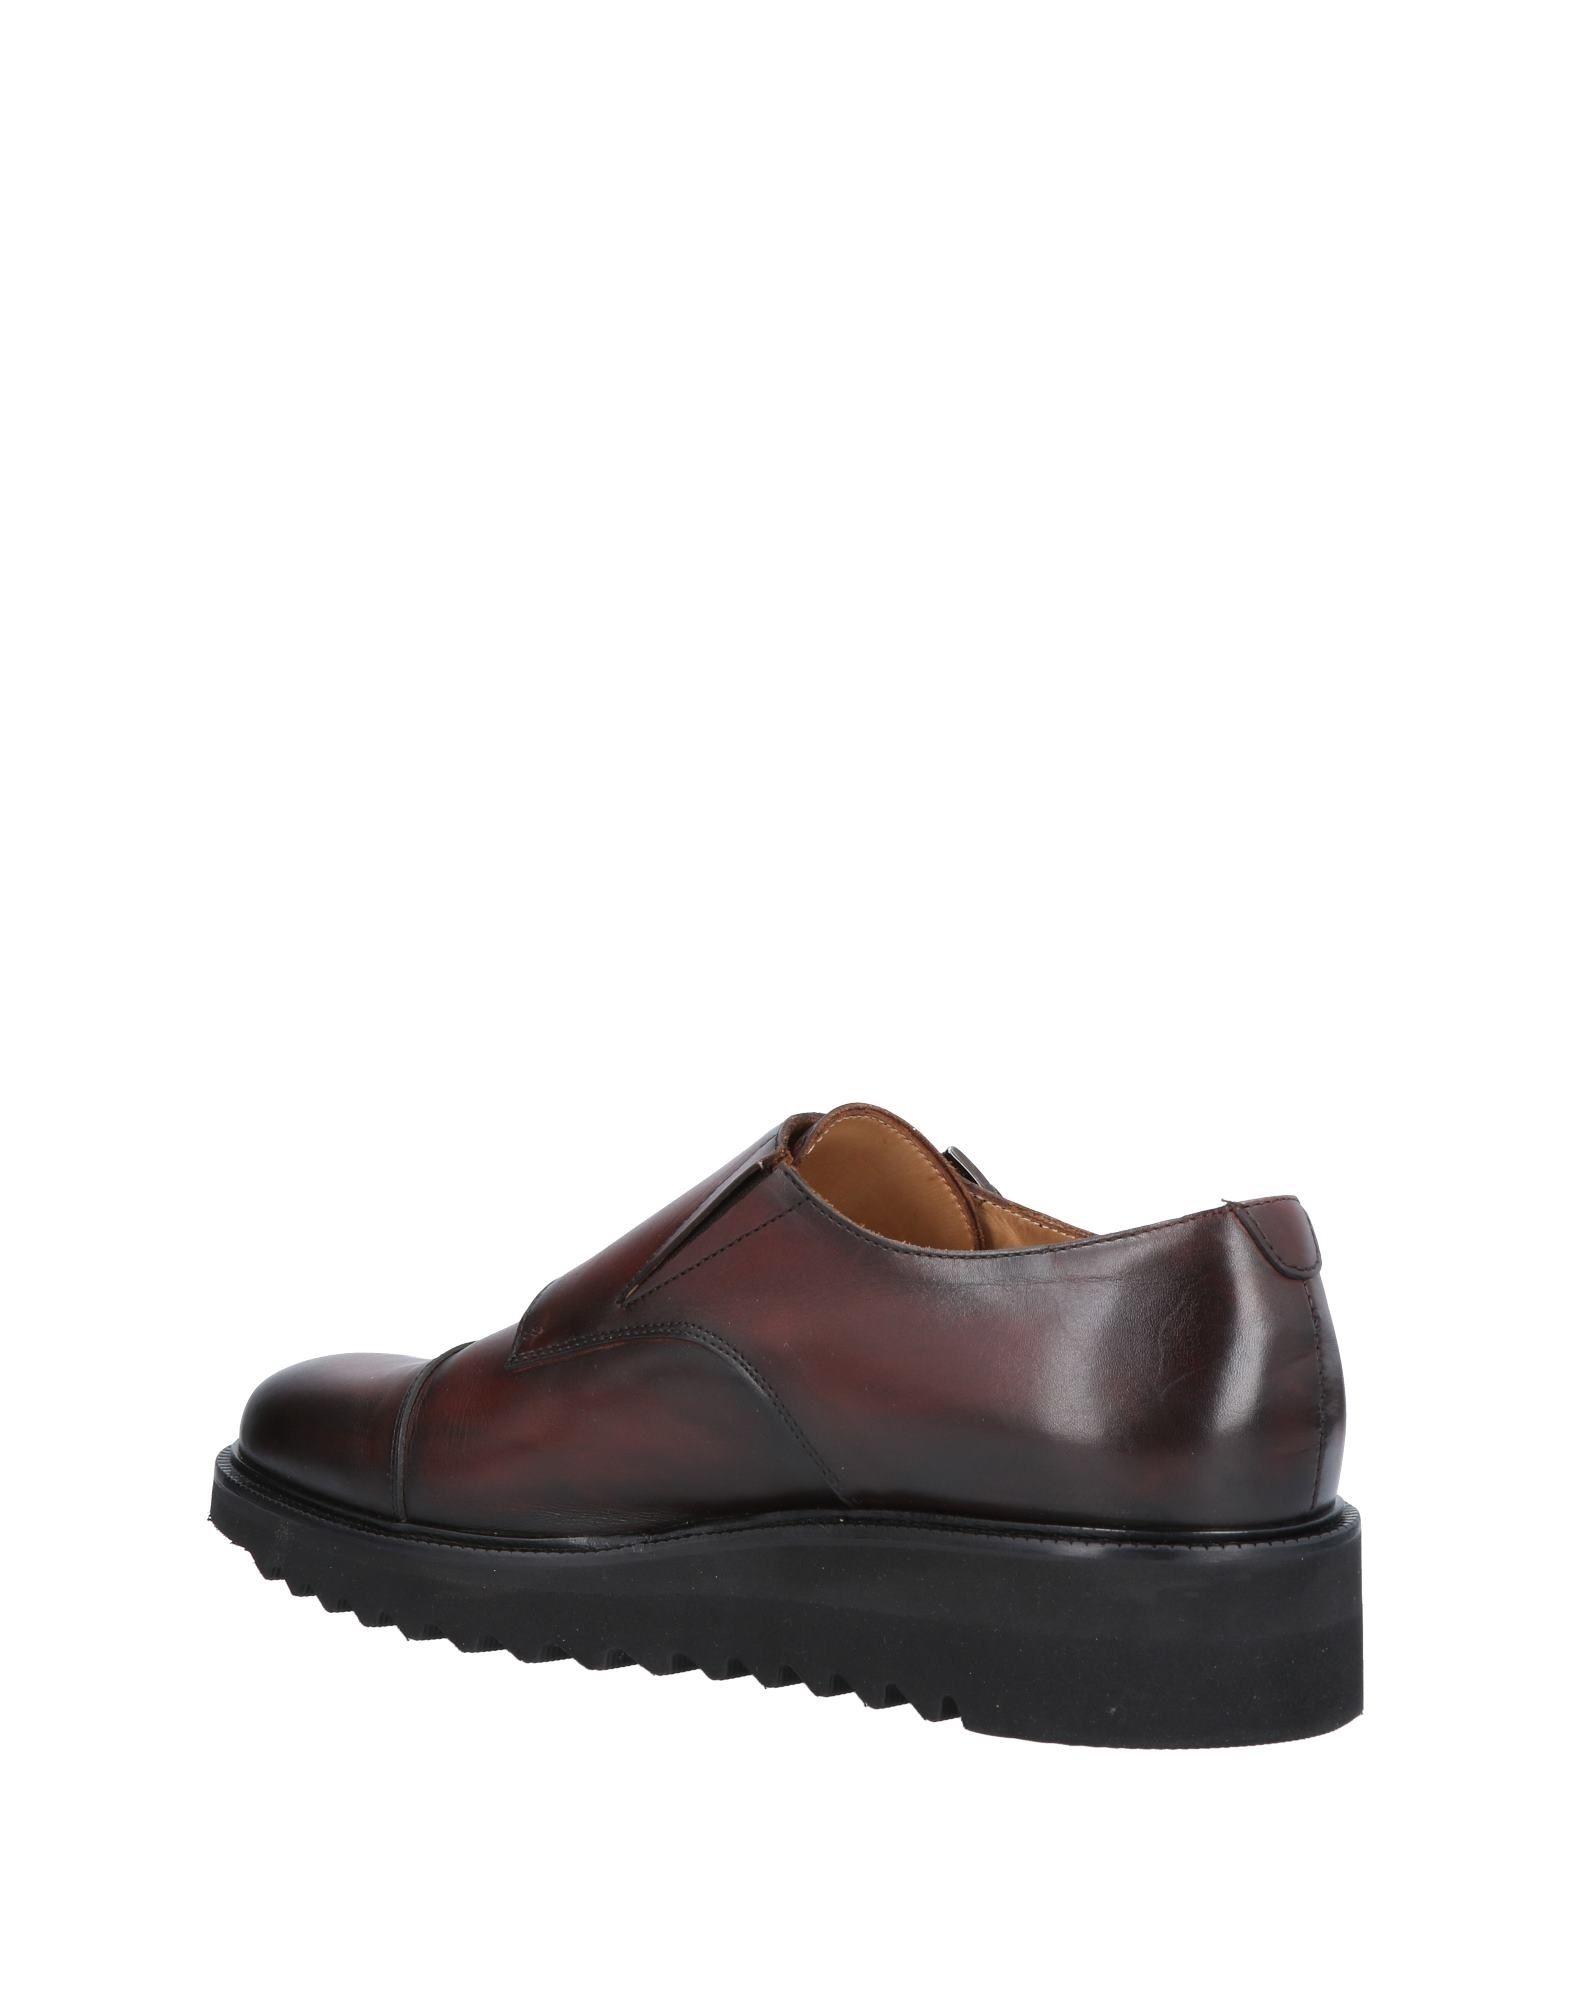 Roberto Botticelli Mokassins Herren  Schuhe 11467830XG Gute Qualität beliebte Schuhe  96937d